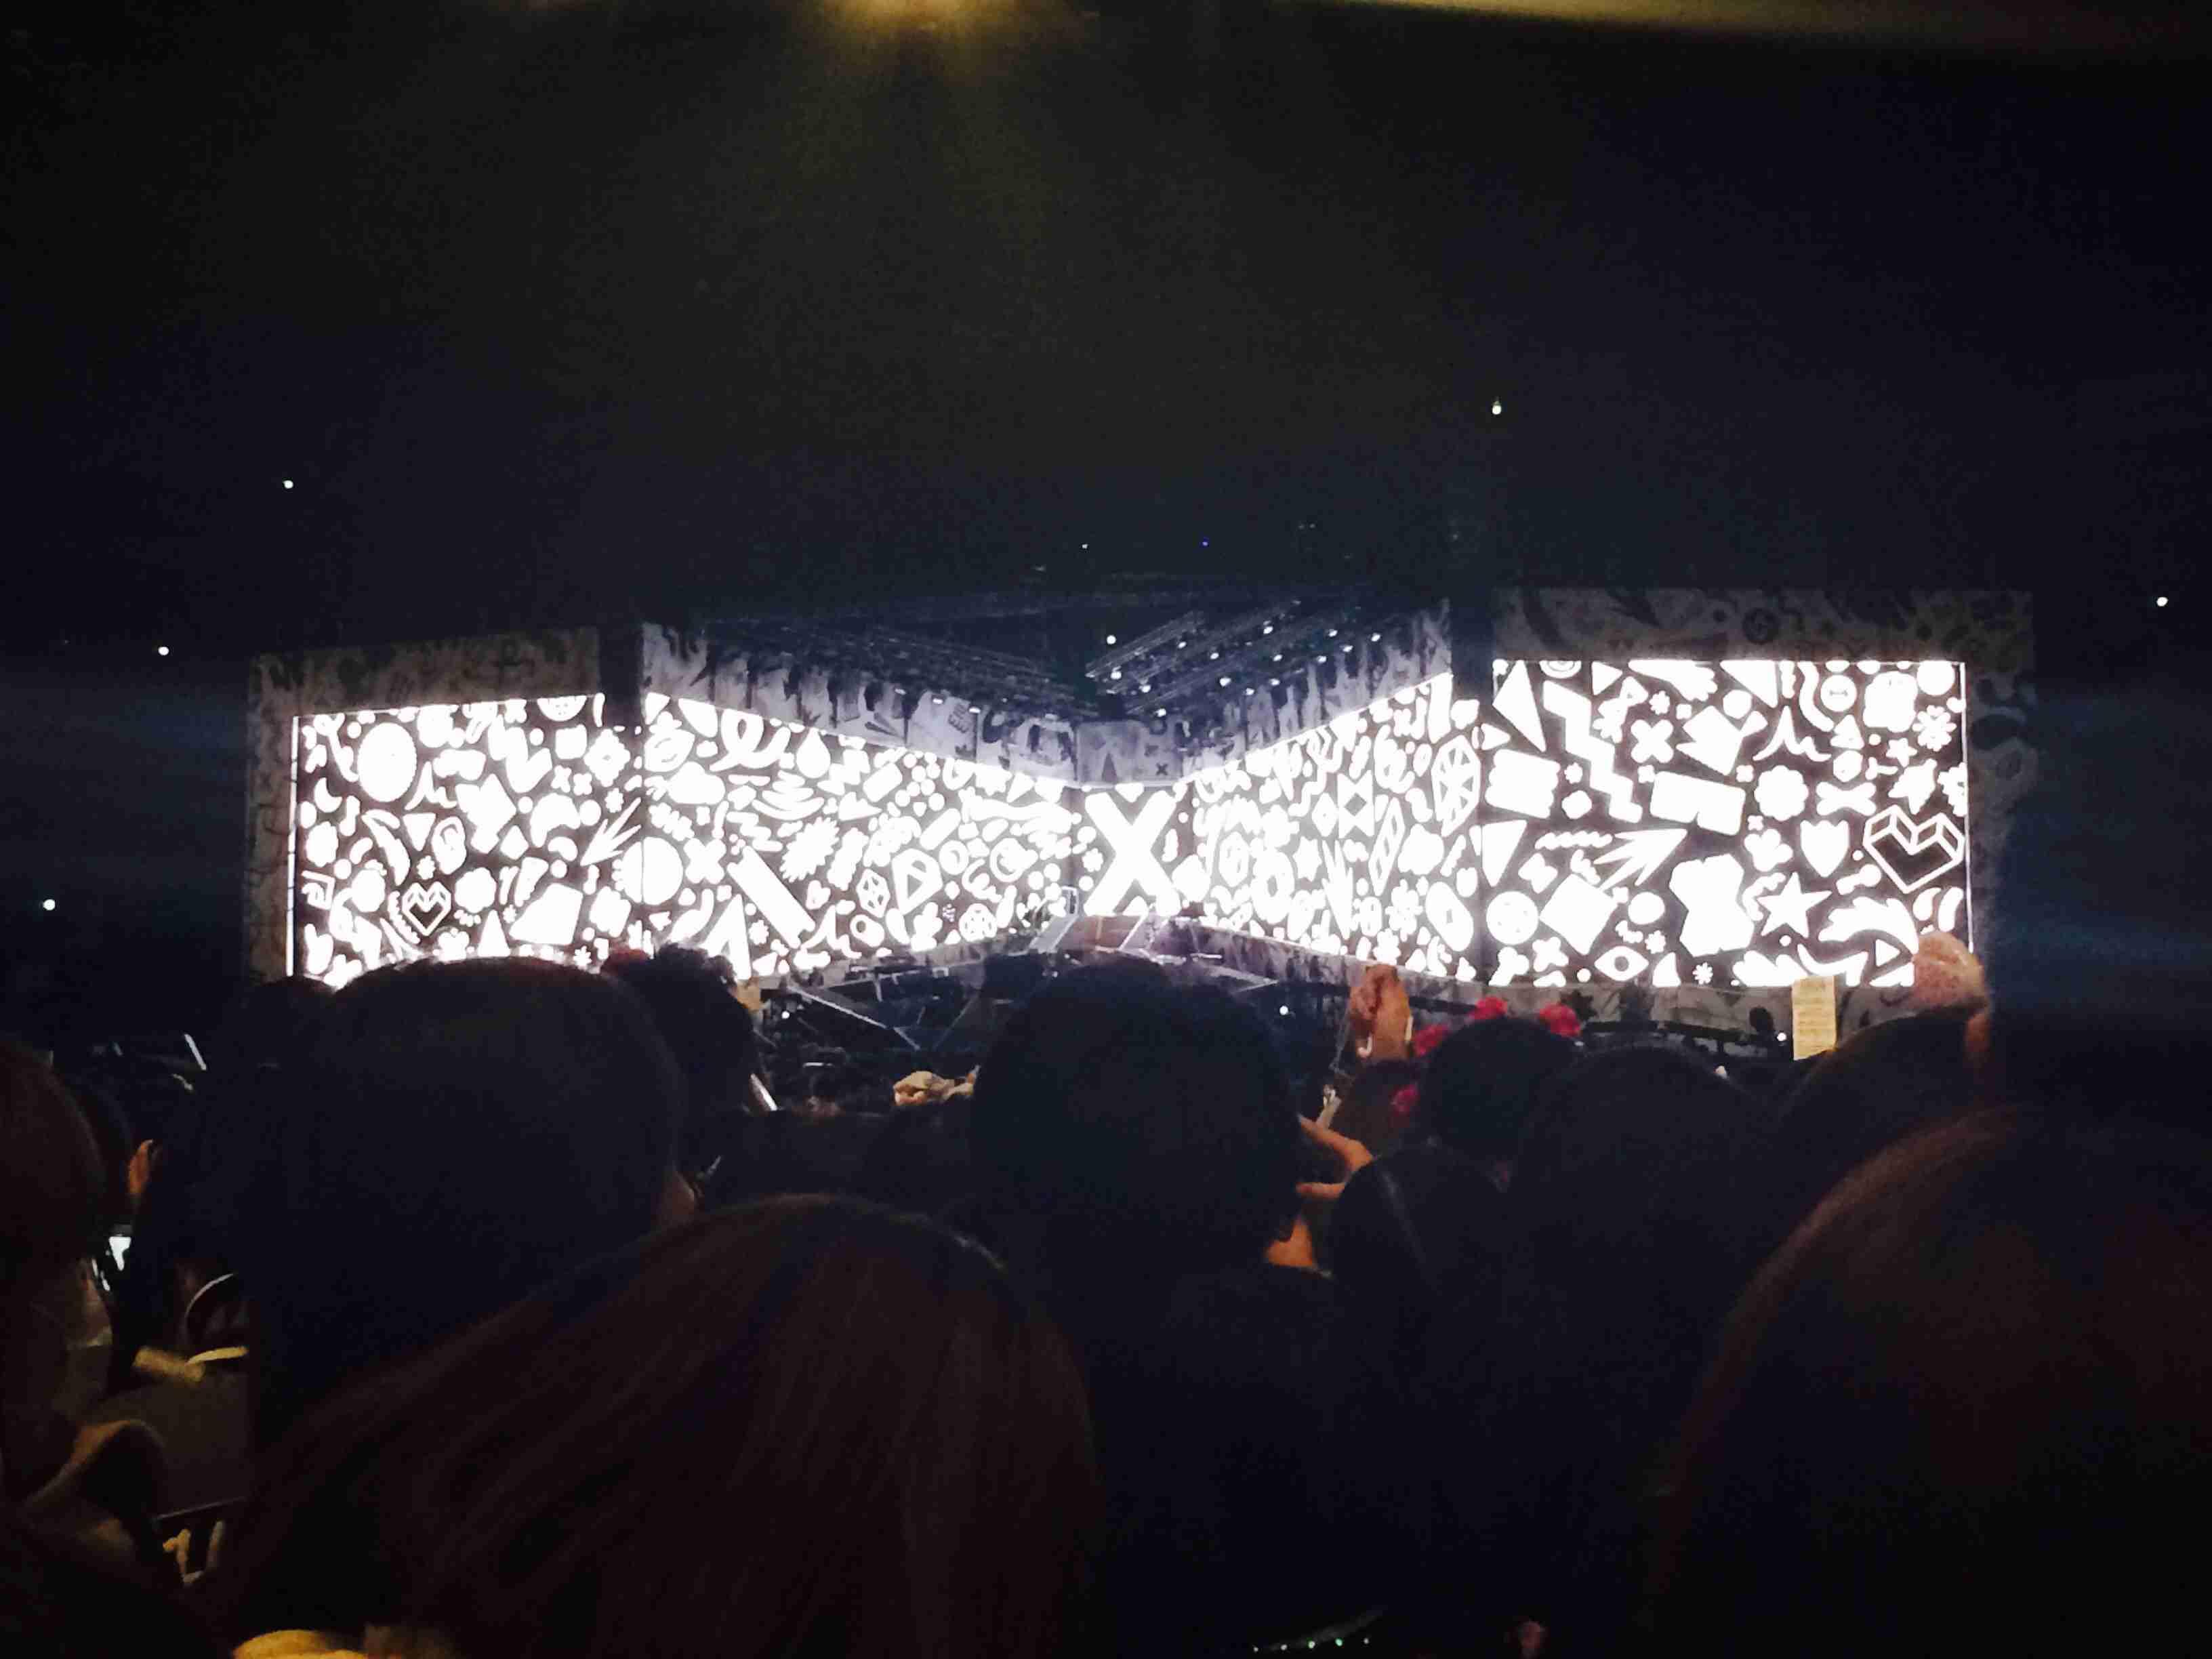 ライブの座席でステージから遠かった人